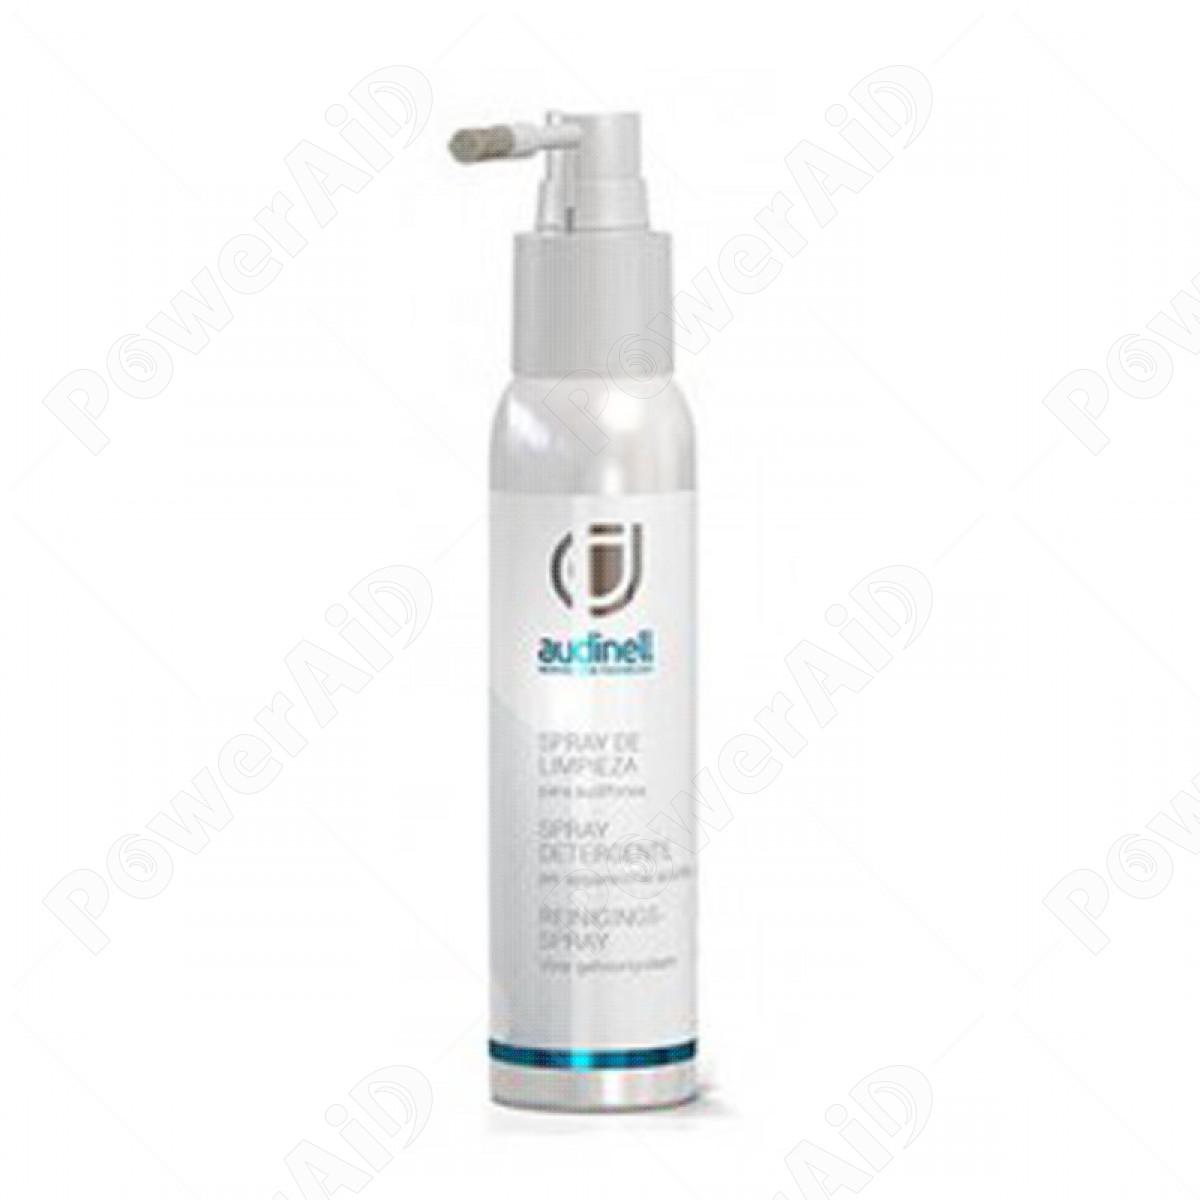 Audinell - Spray Detergente con spazzola 100 ml